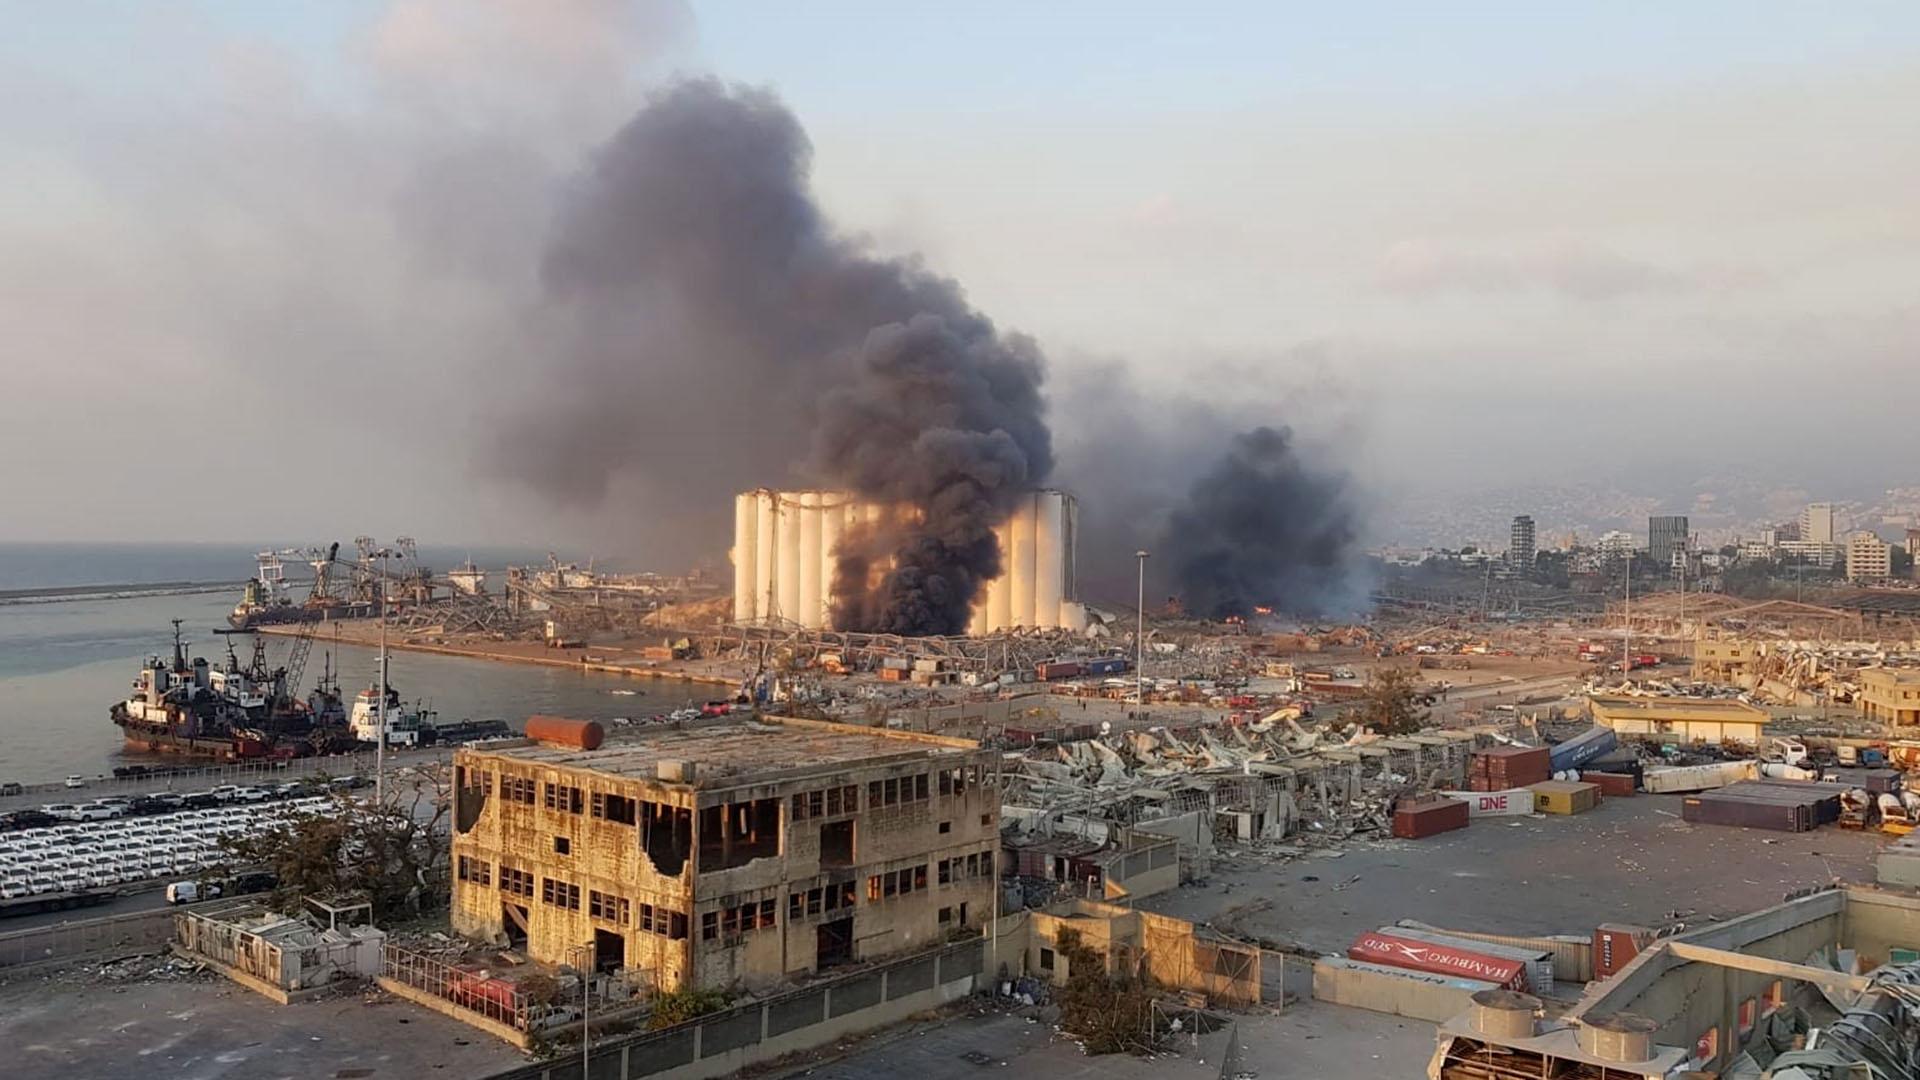 Una imagen realizada con un teléfono móvil muestra una vista general del área del puerto con humo que se eleva desde un área de una gran explosió (EFE / EPA / WADEL HAMZEH)